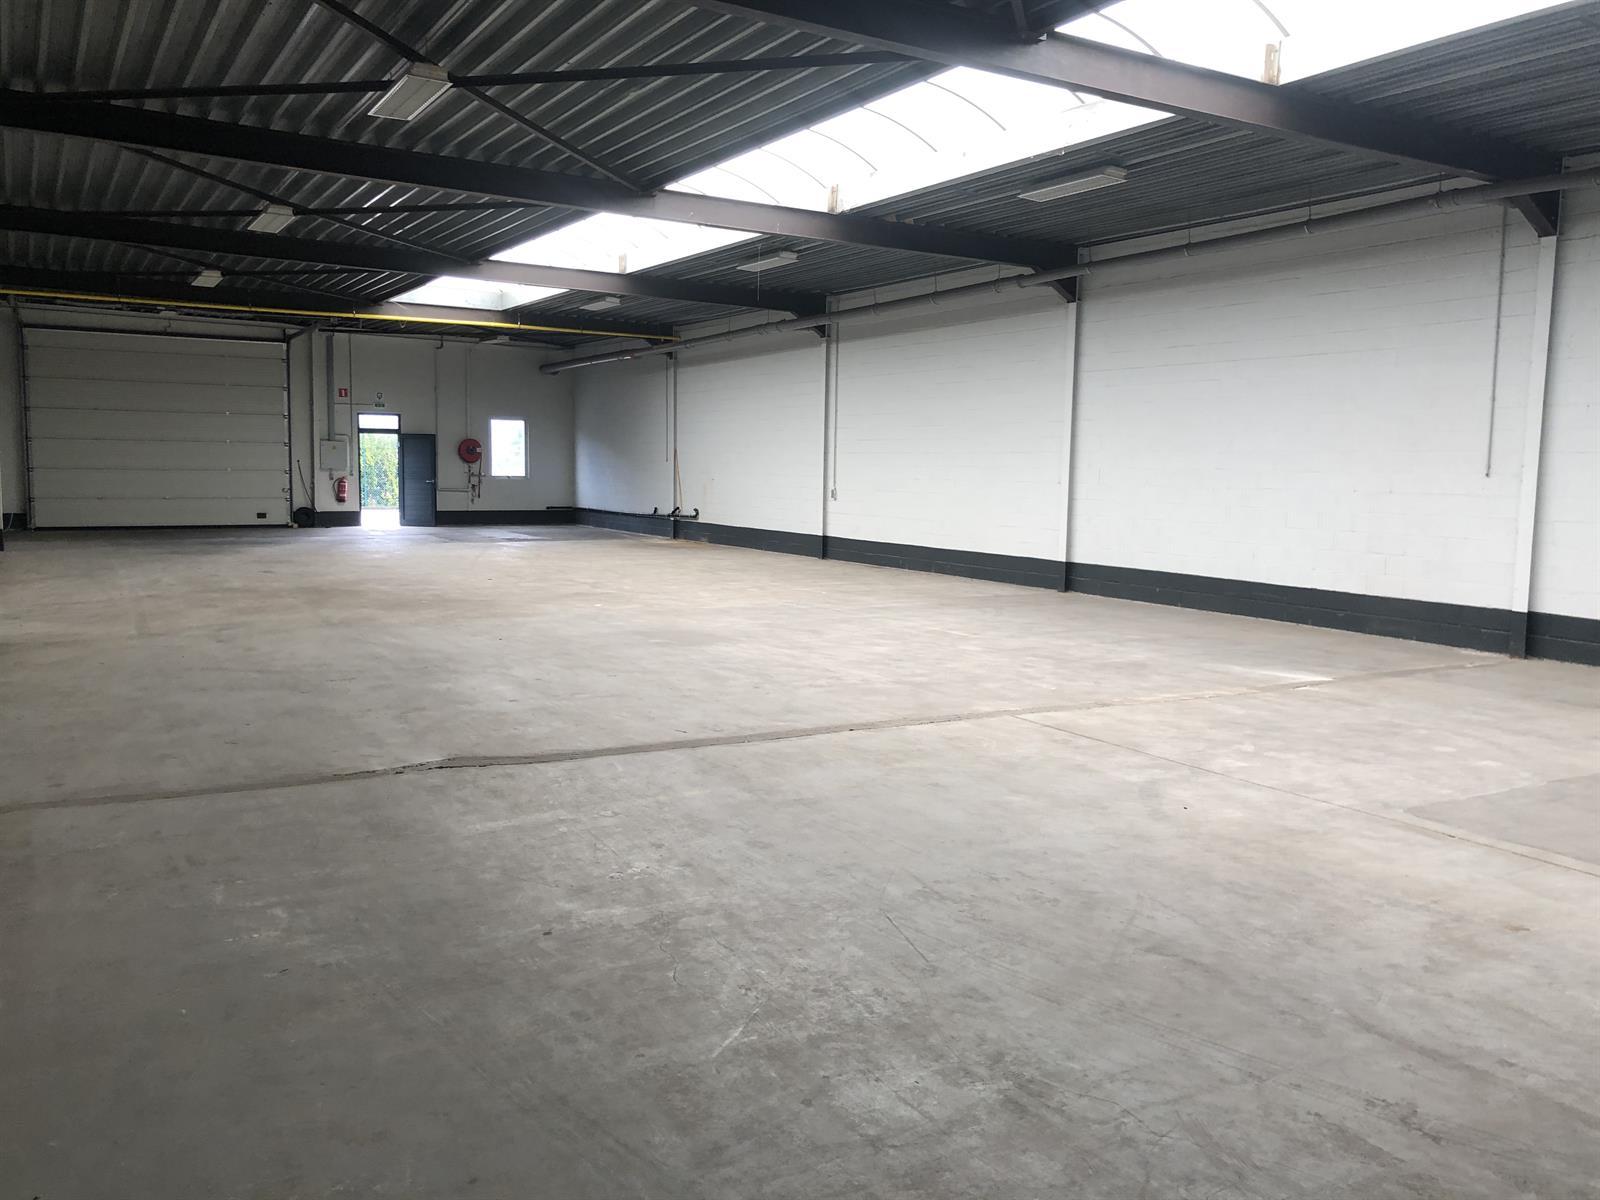 opslagplaats te huur I168 - 8D - Saffierstraat 5, 2200 Herentals, België 3